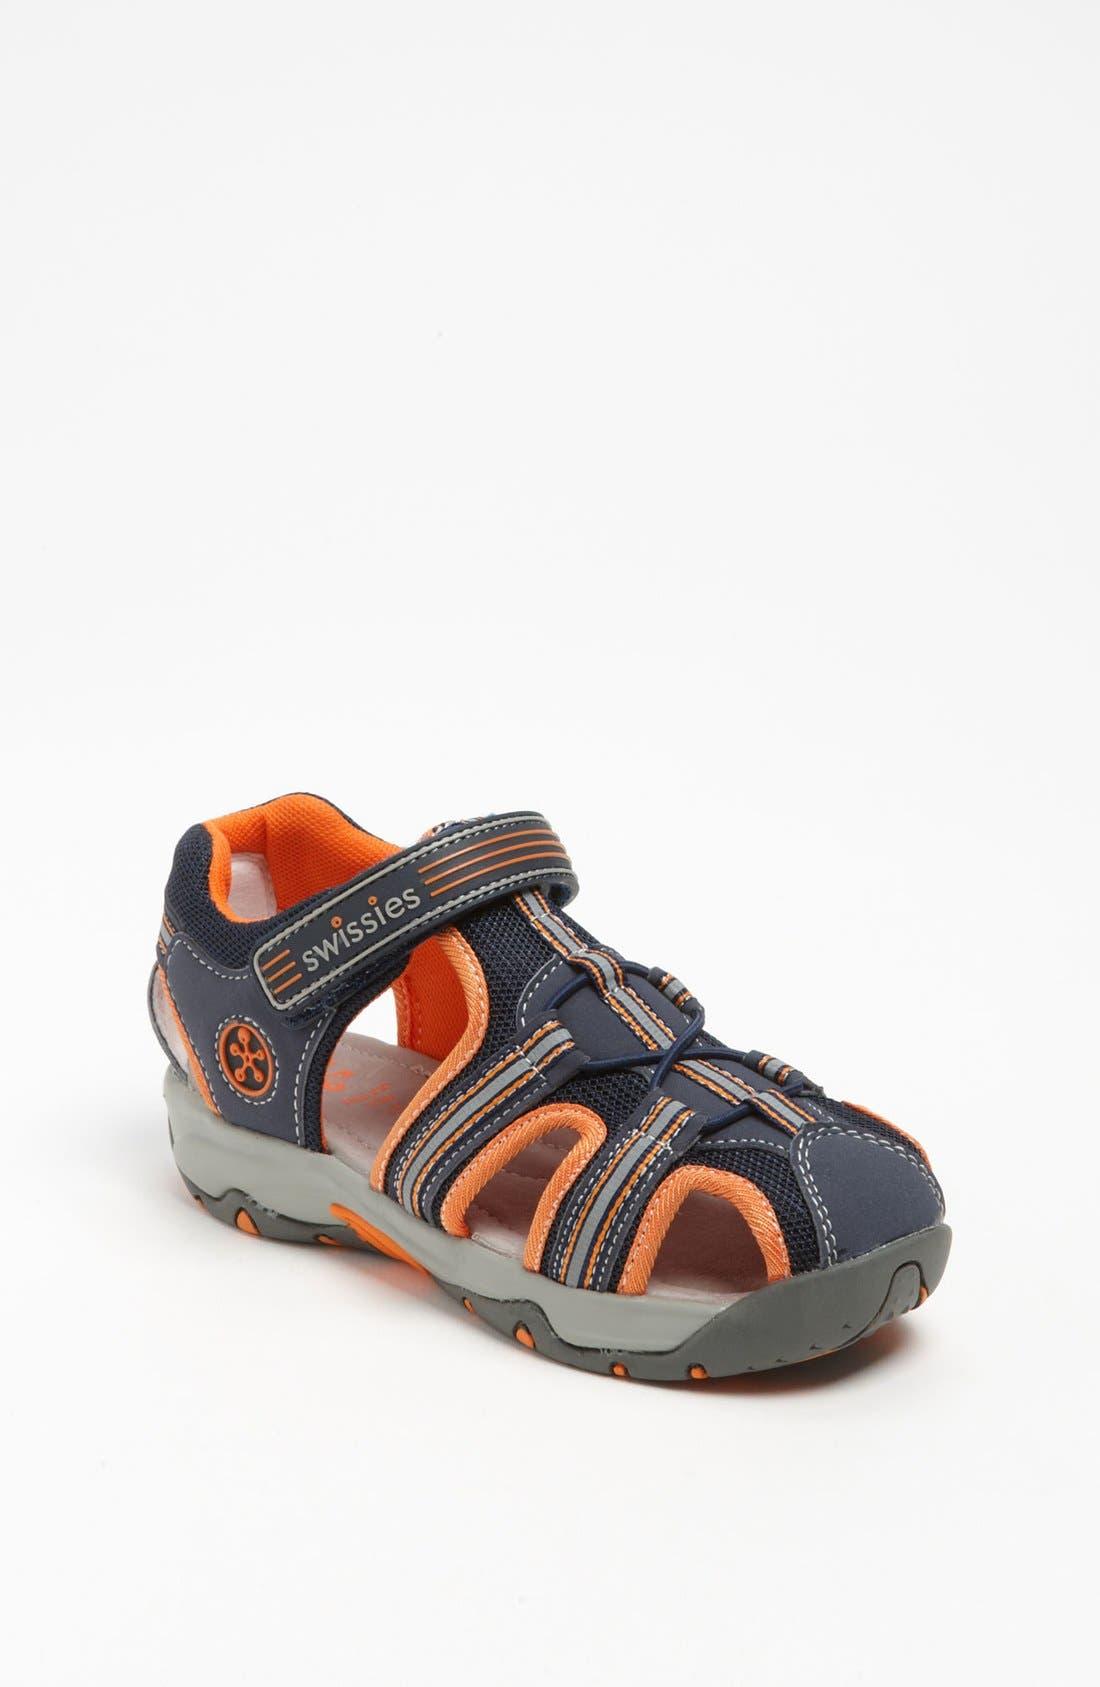 Main Image - Swissies 'Rival' Sandal (Toddler & Little Kid)